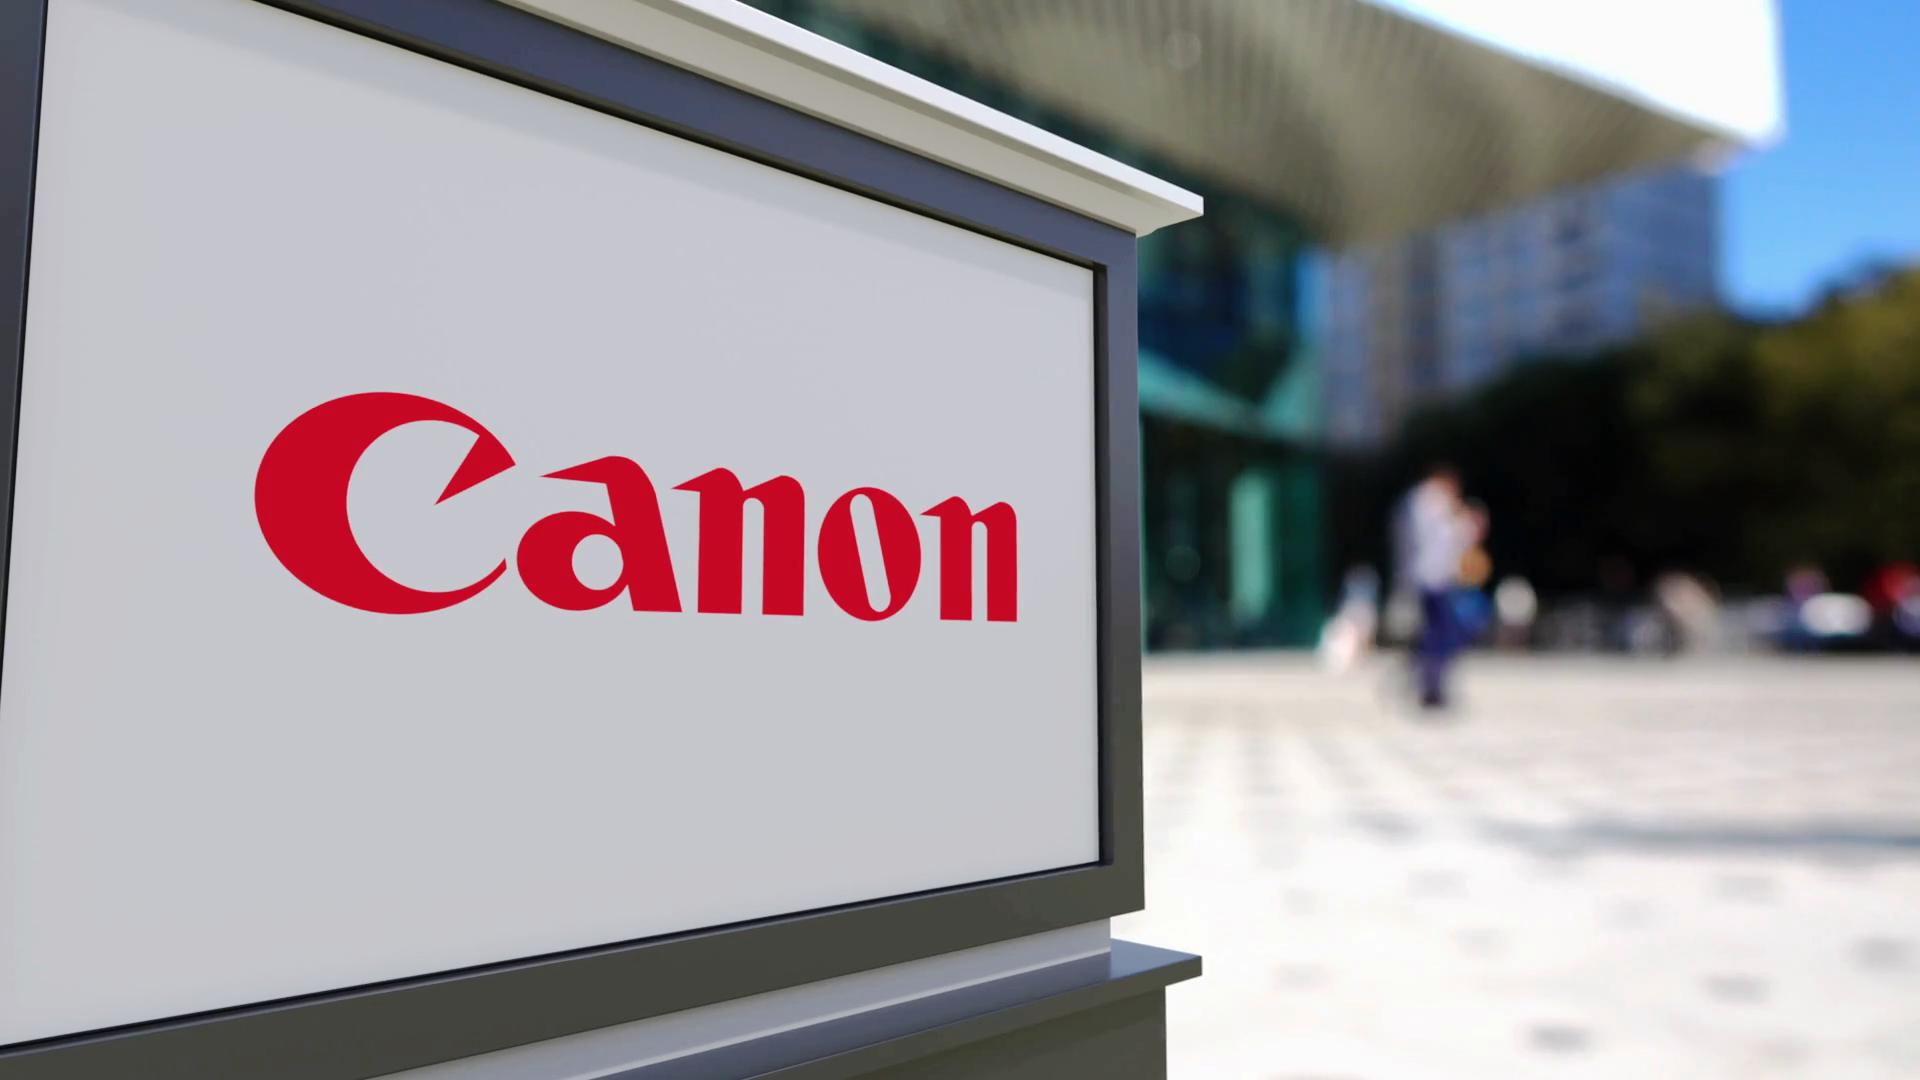 Canon Business Process Services announces senior hires